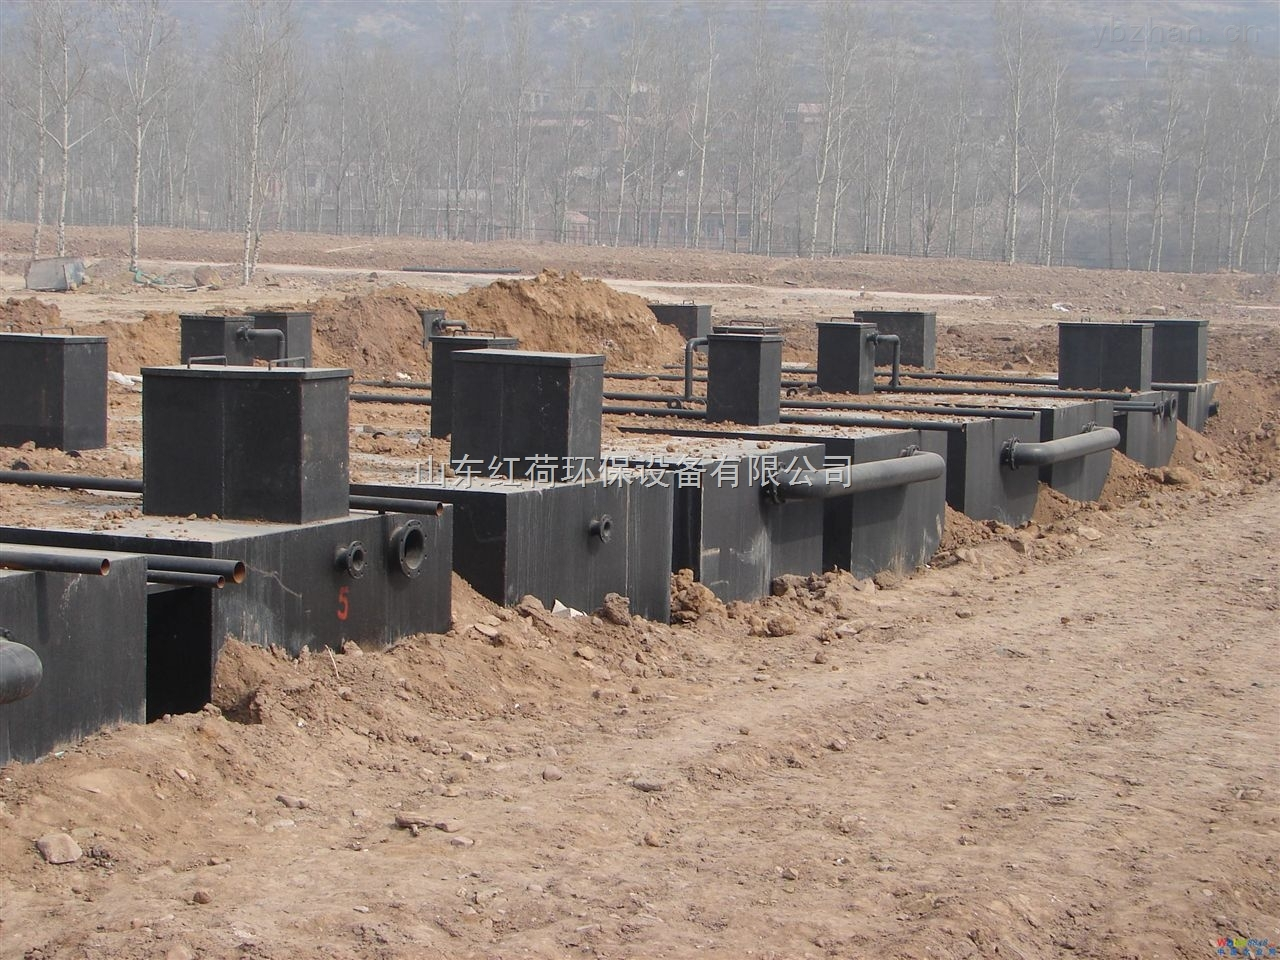 上海地埋式一体化污水处理设备 上海地埋式一体化污水处理设备概述: 一体化生活污水处理设备采用世界上先进的生物处理工艺,集去除BOD5、COD、NH3-N于一身,是目前最高效的污水处理设备。它被广泛应用于高级宾馆,别墅小区及居民住宅小区的生活污水和与之相似的工业有机污水处理,替代了去除率很低,处理后出水不能达到国家综合排放标准的化粪池。经过实地应用表明,一体化地埋式污水处理设备是一种处理效果十分理想且管理方便的生活污水处理设备。 潍坊红荷环保水处理设备有限公司 电话:0536-2104866 任国涛:133